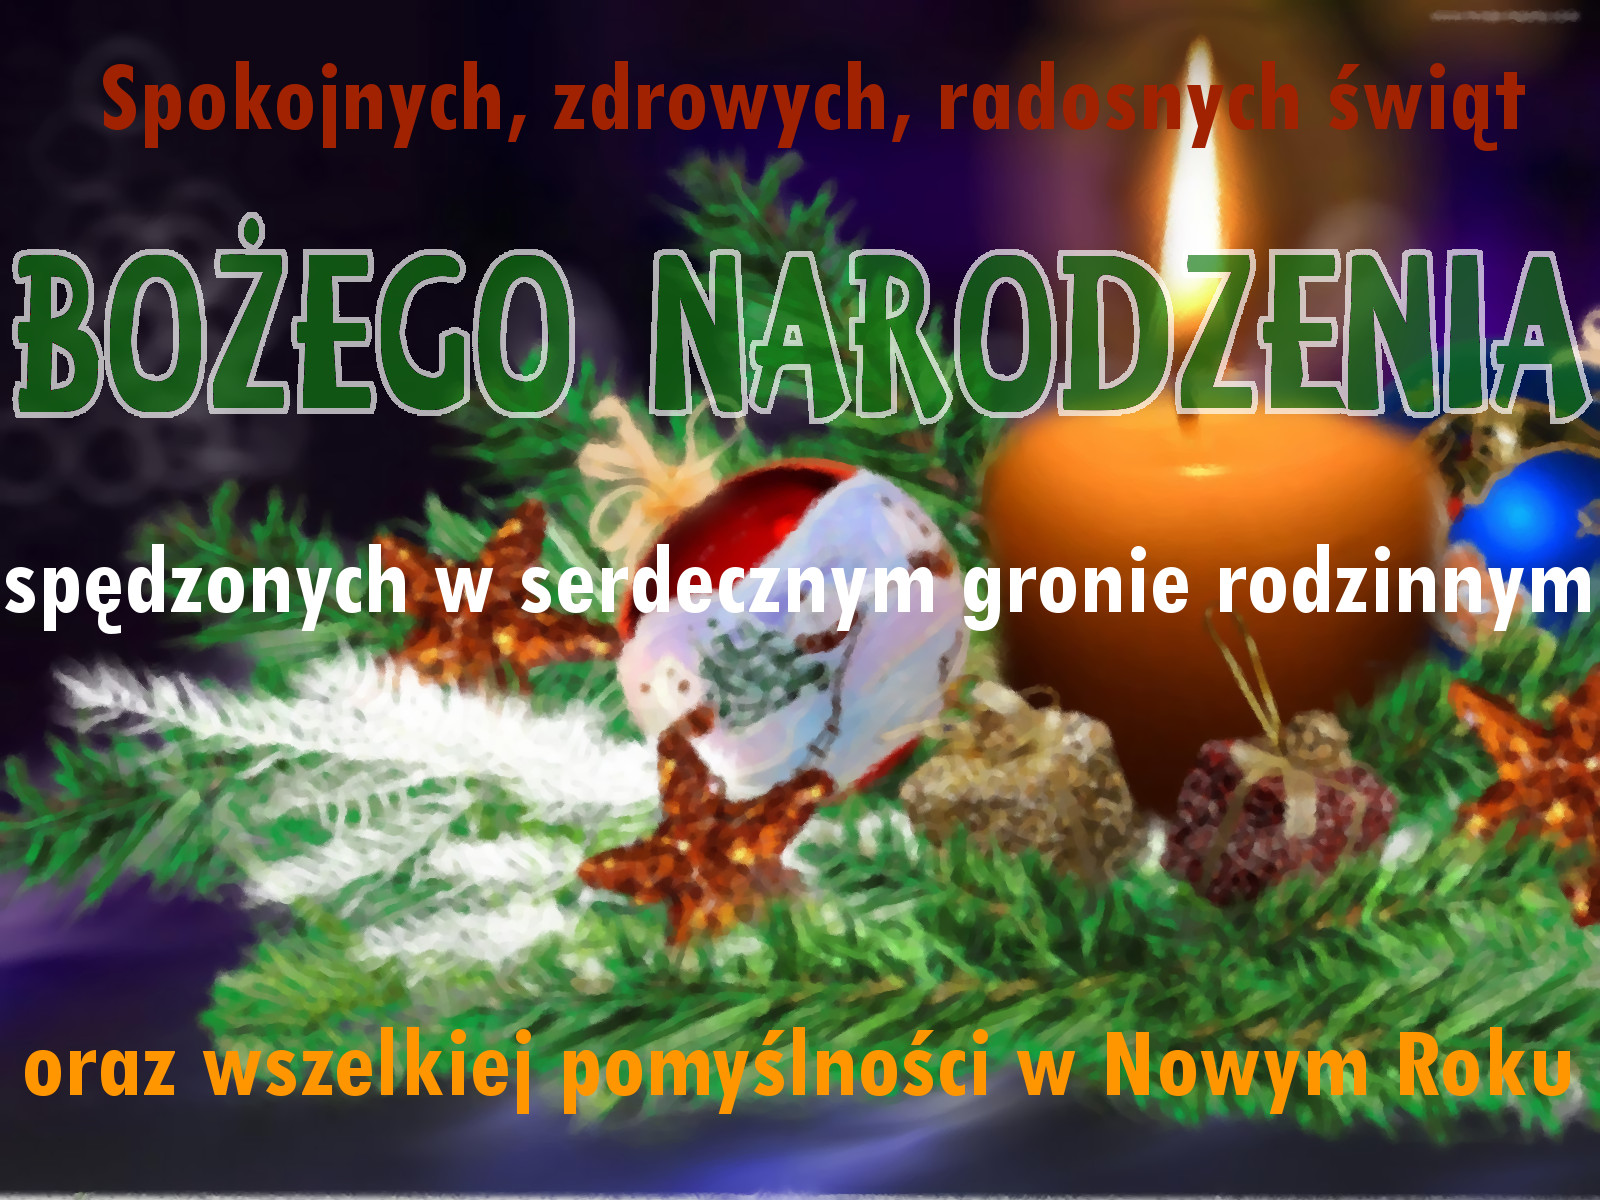 kartka BN2 222